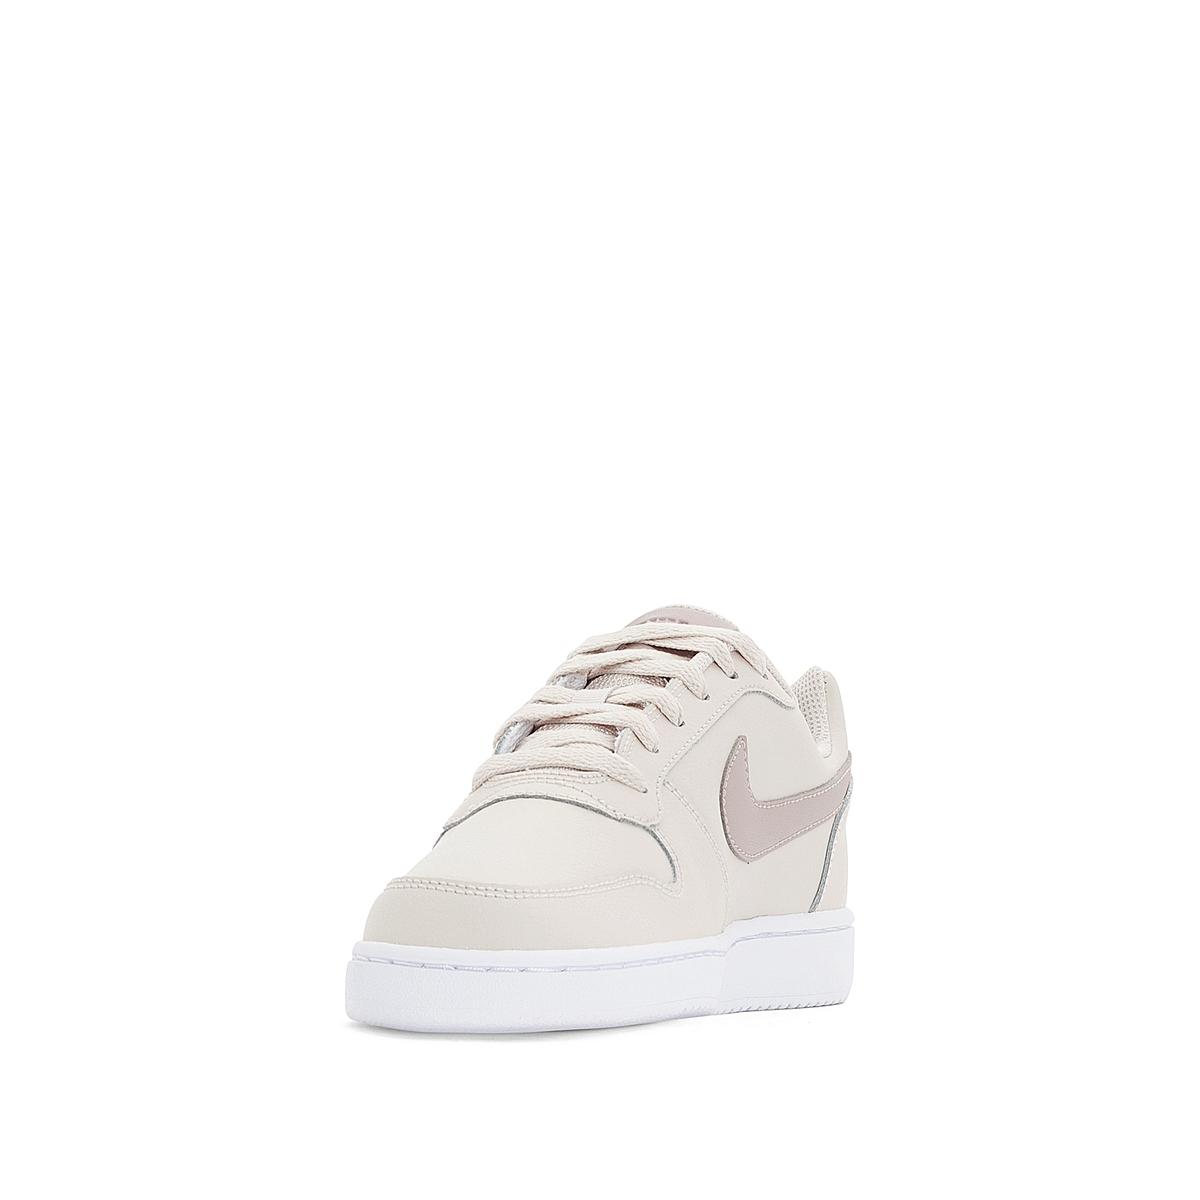 Imagen secundaria de producto de Zapatillas Ebernon Low - Nike